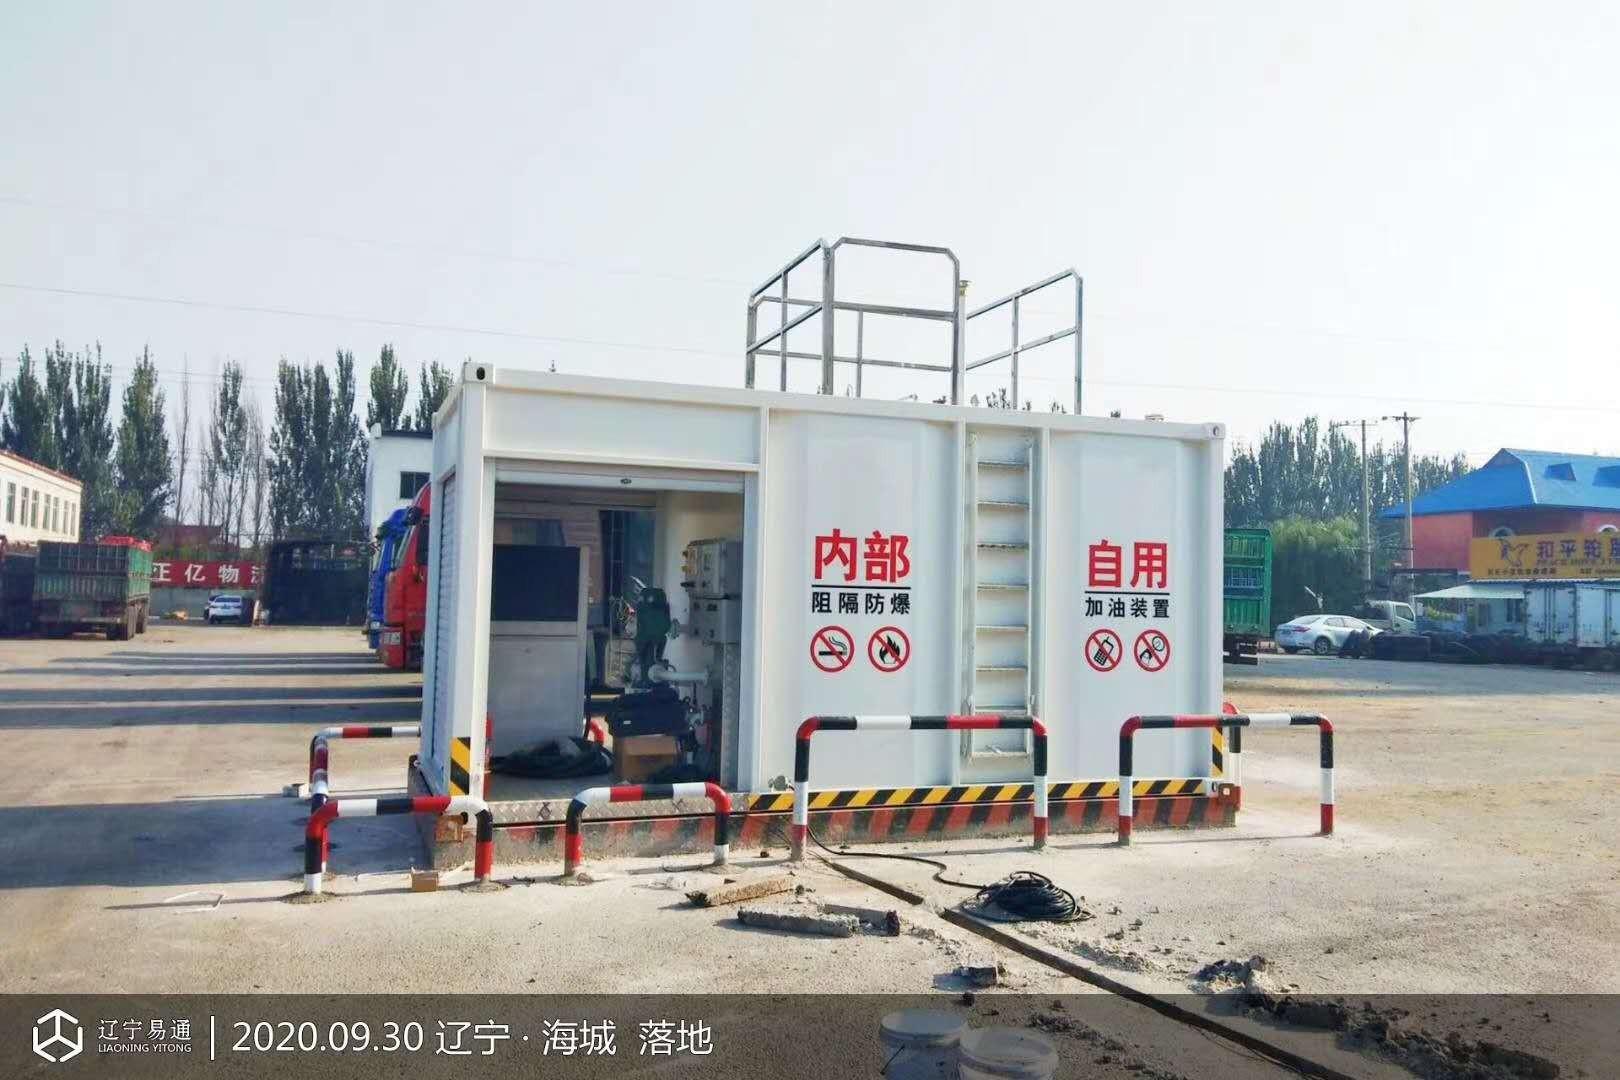 2020年9月30日 辽宁 海城 20立 撬装式加油装置安装调试完毕